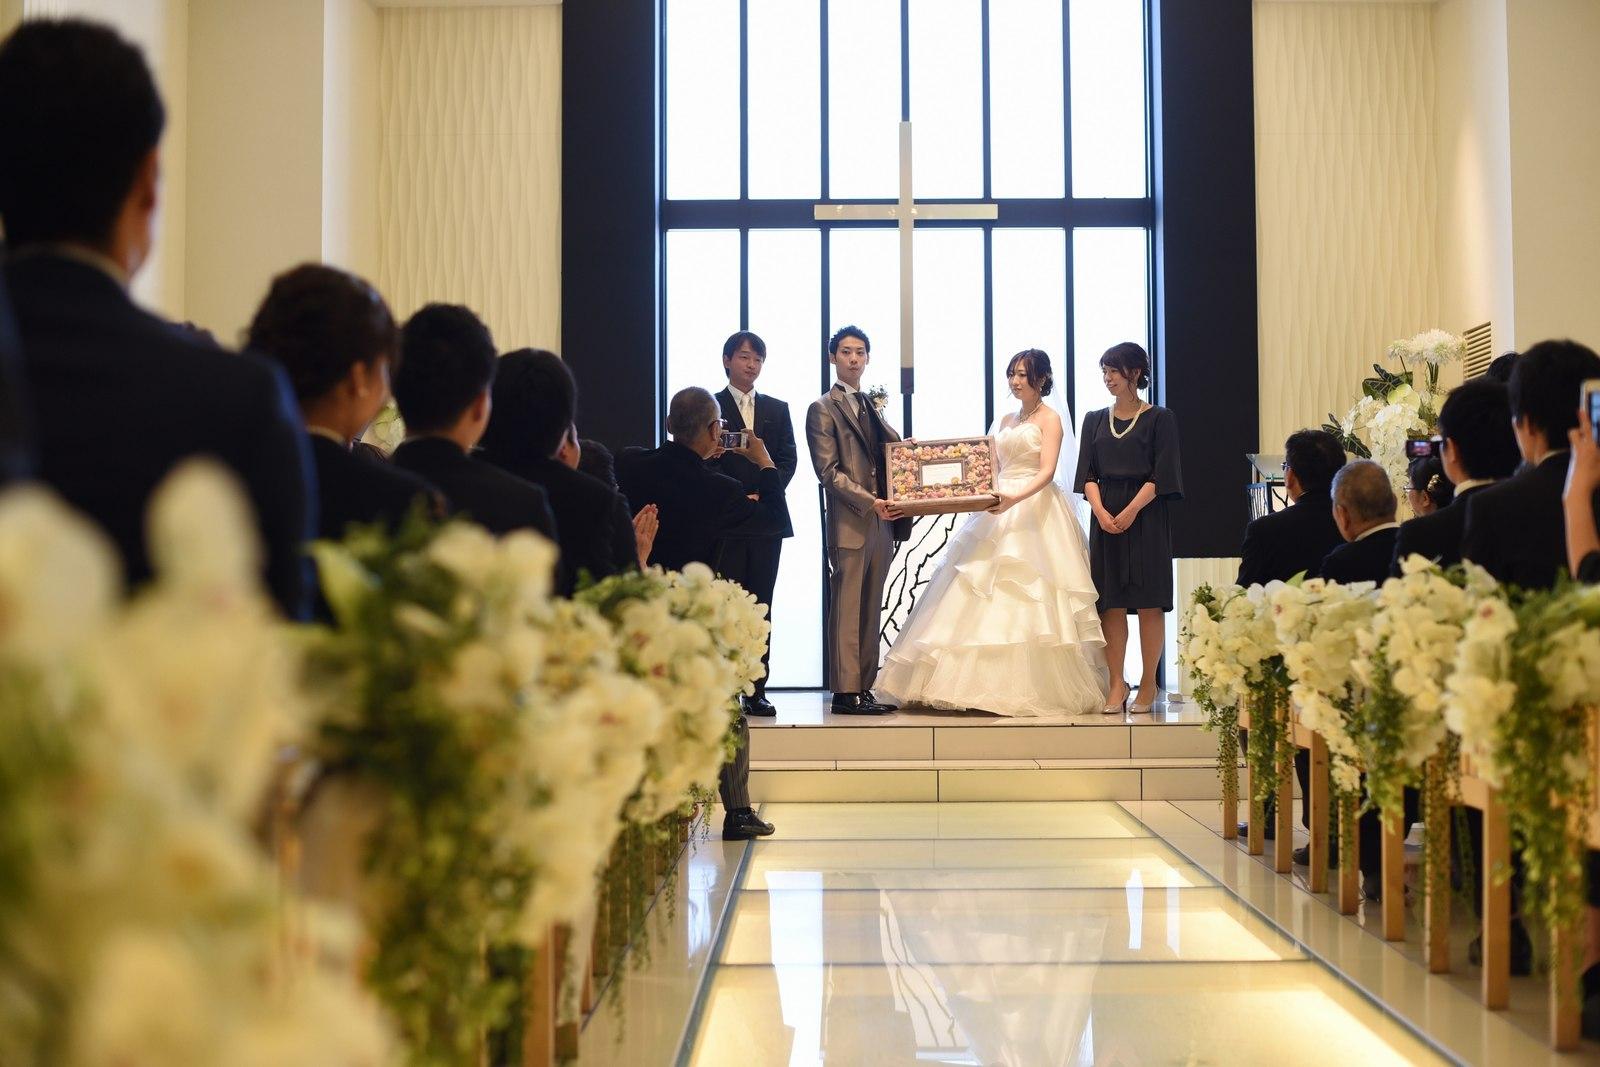 高松市の結婚式場アイルバレクラブで人前式の承認